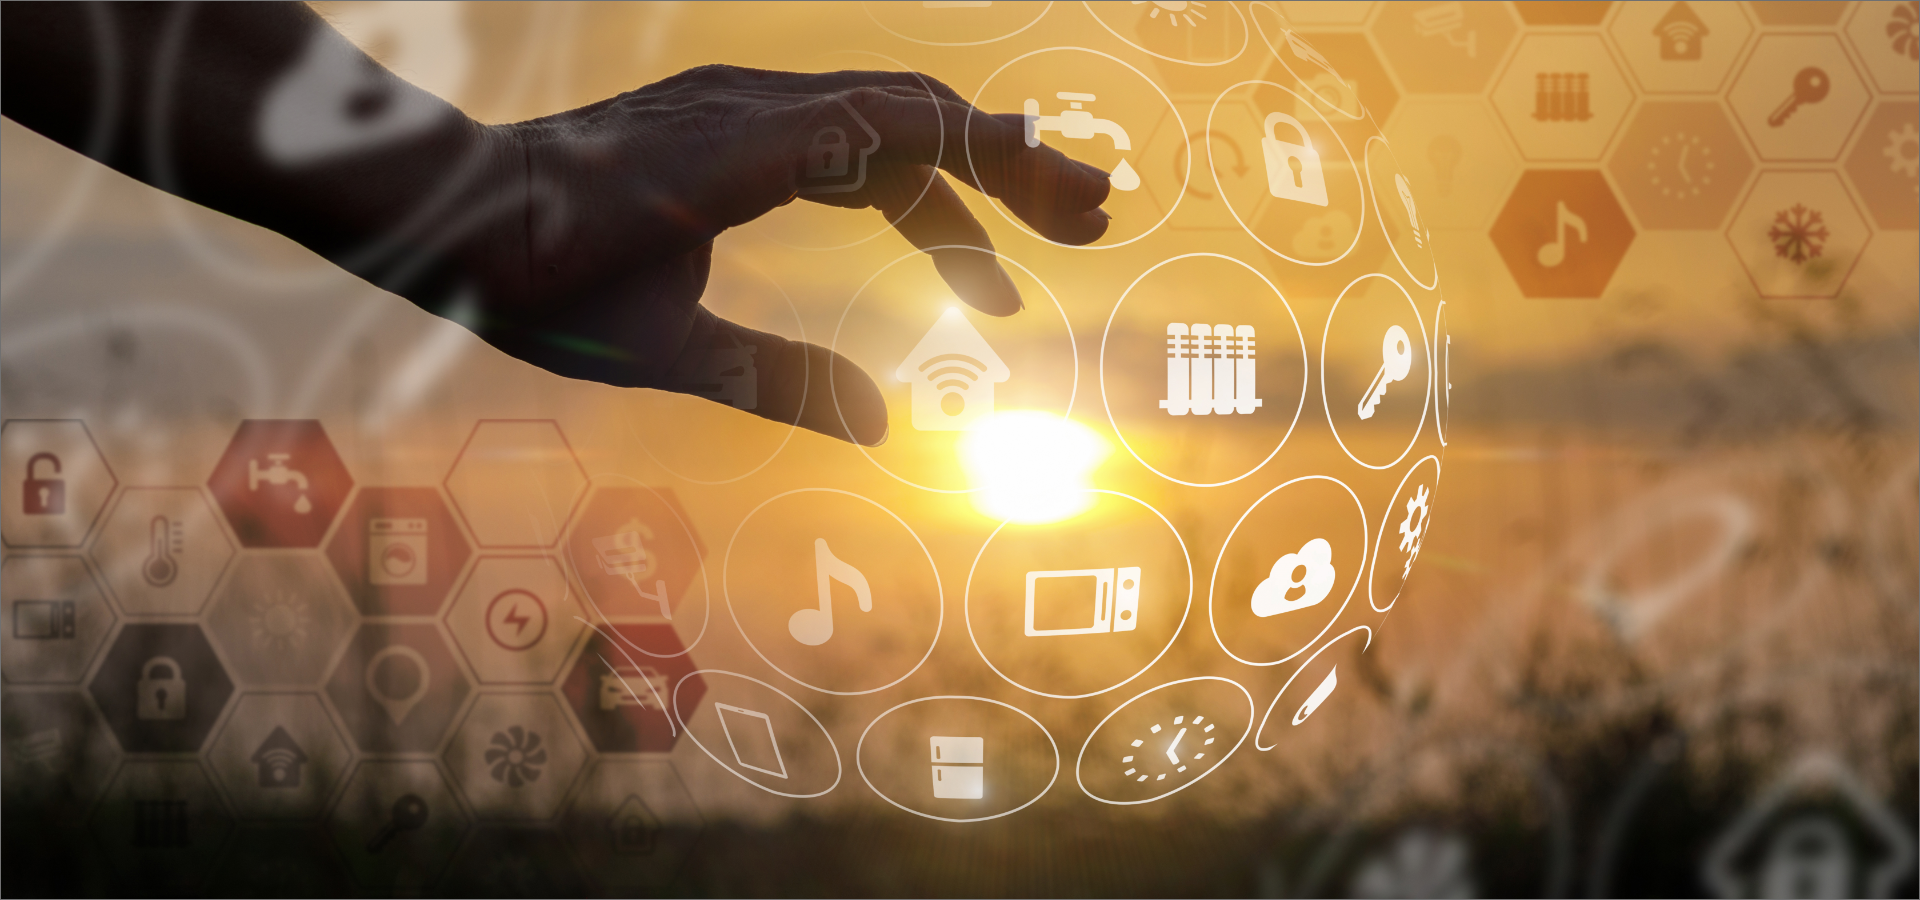 Plataforma completa para análise de dados da IoT